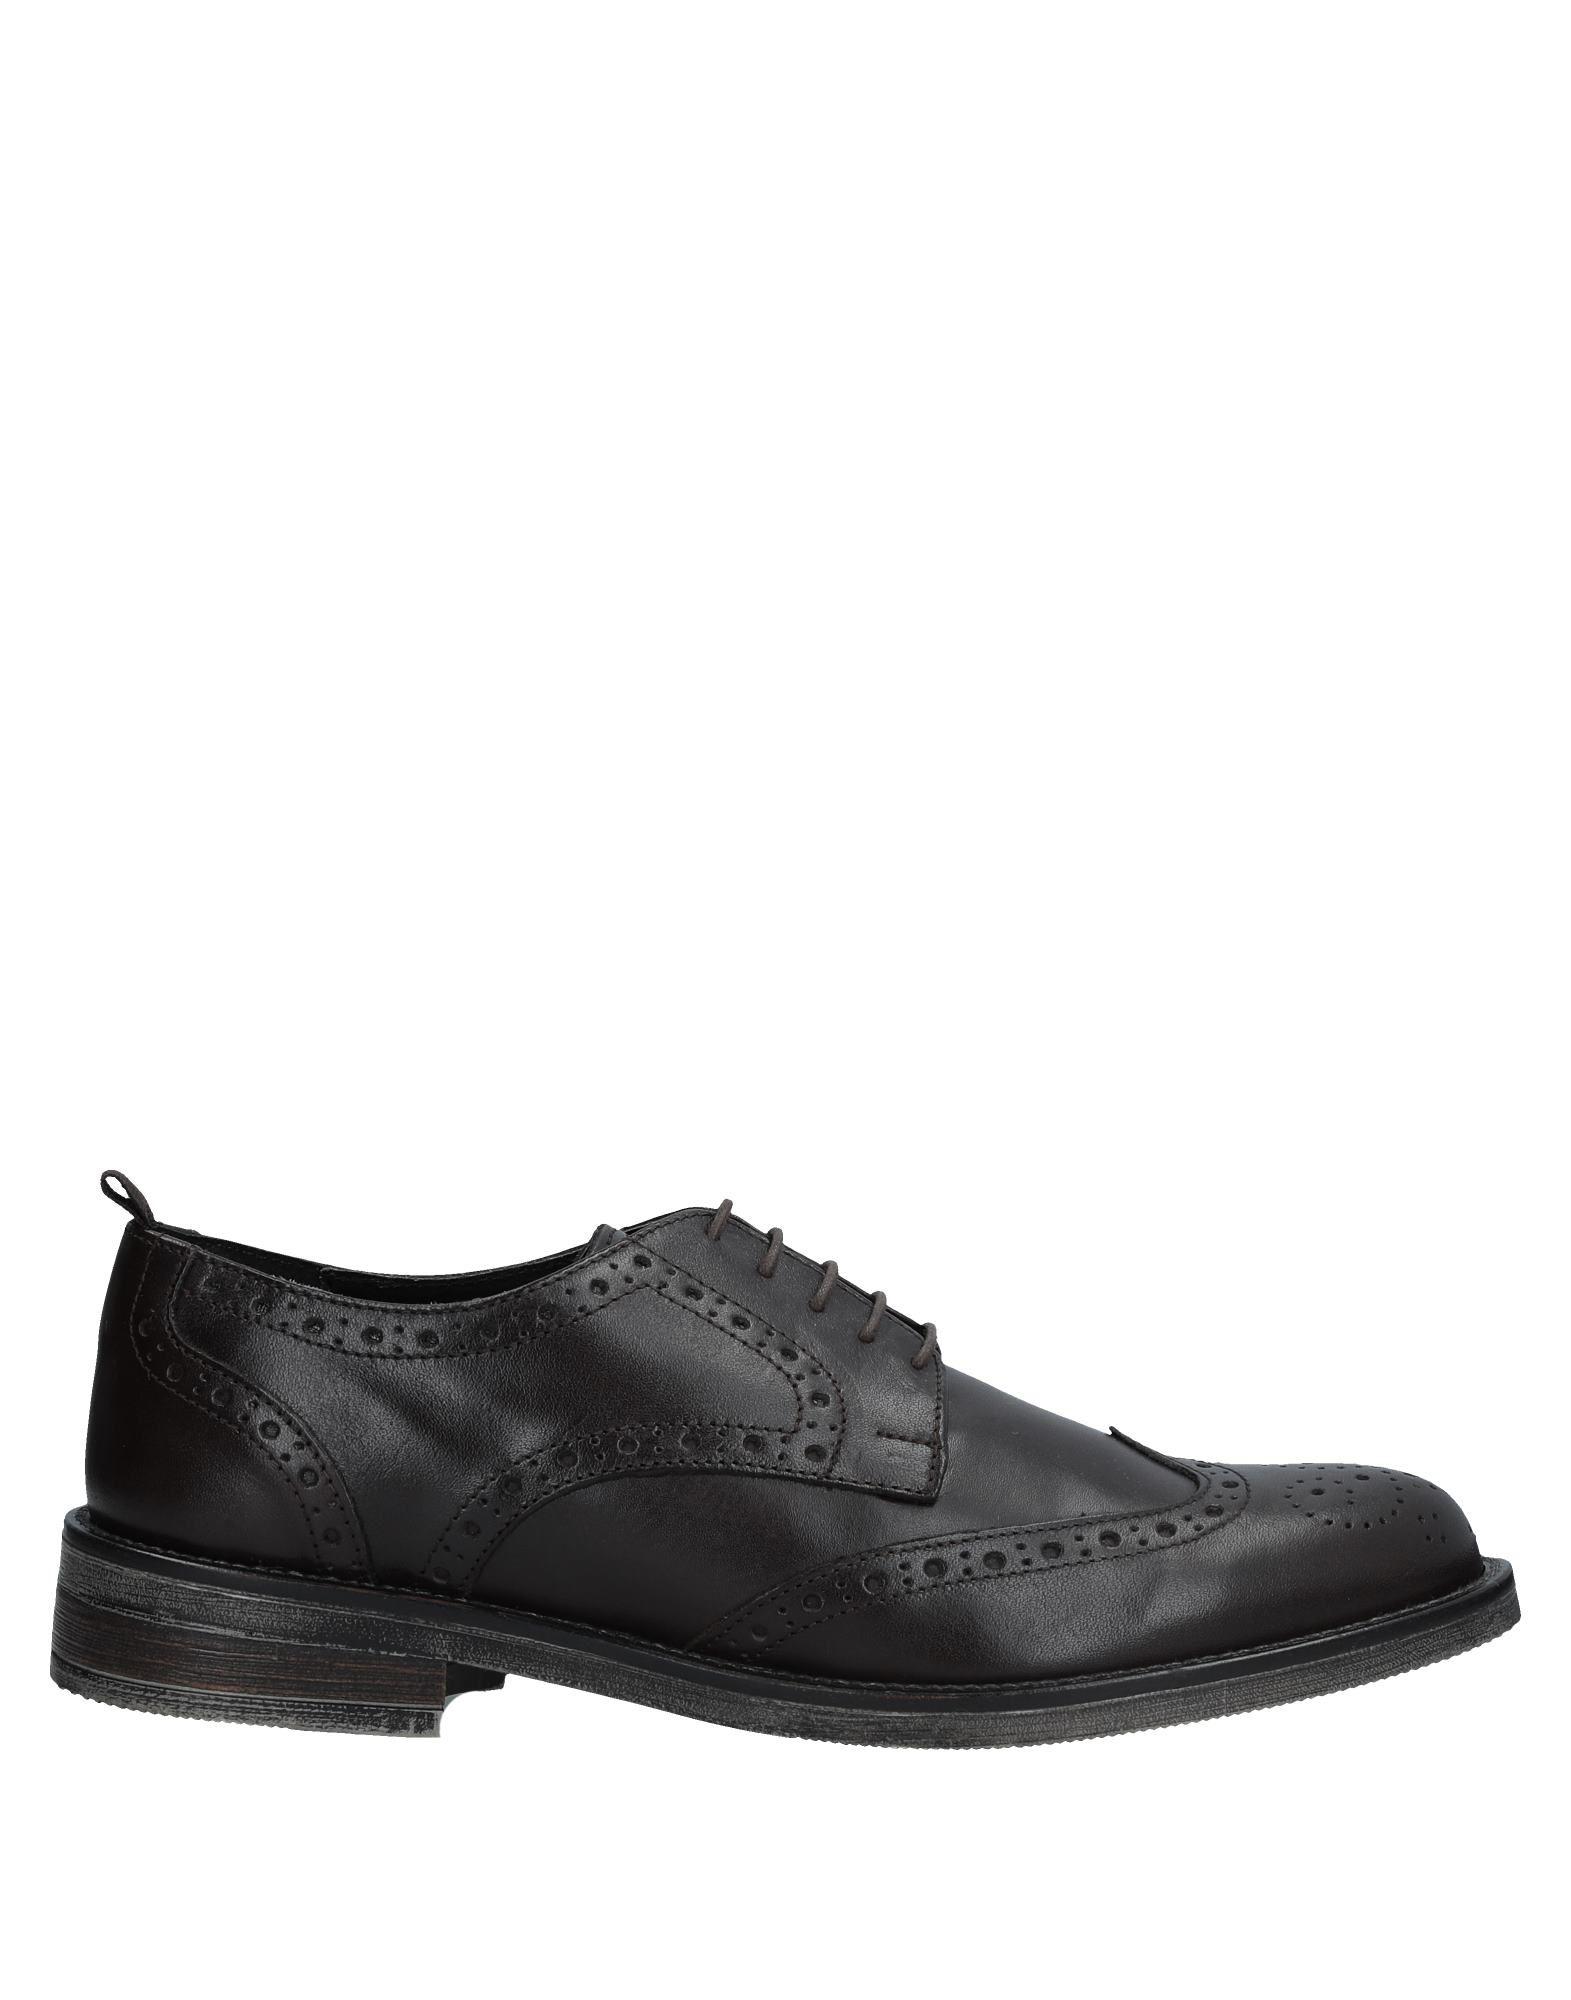 Bottega Marchigiana Schnürschuhe Herren  11541890HT Gute Qualität beliebte Schuhe